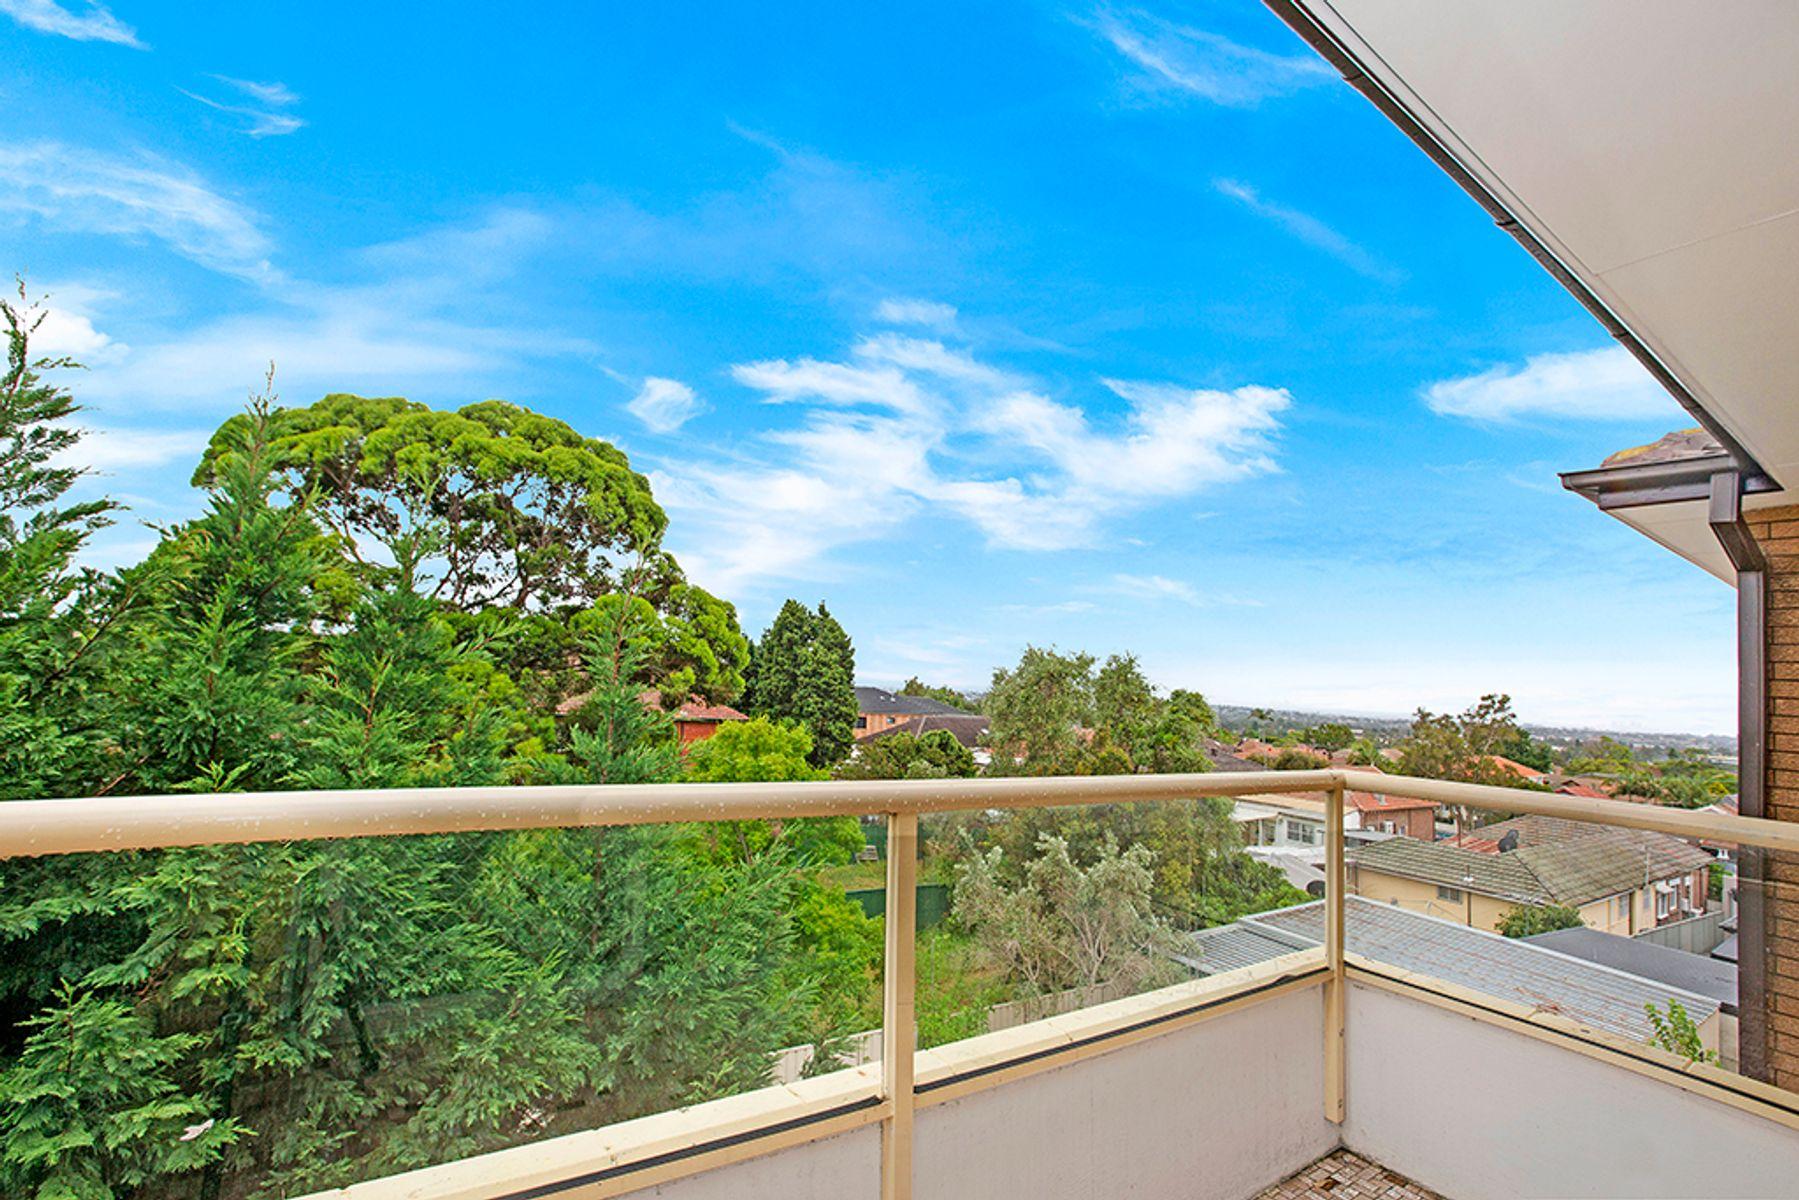 23/249 Haldon Street, Lakemba, NSW 2195